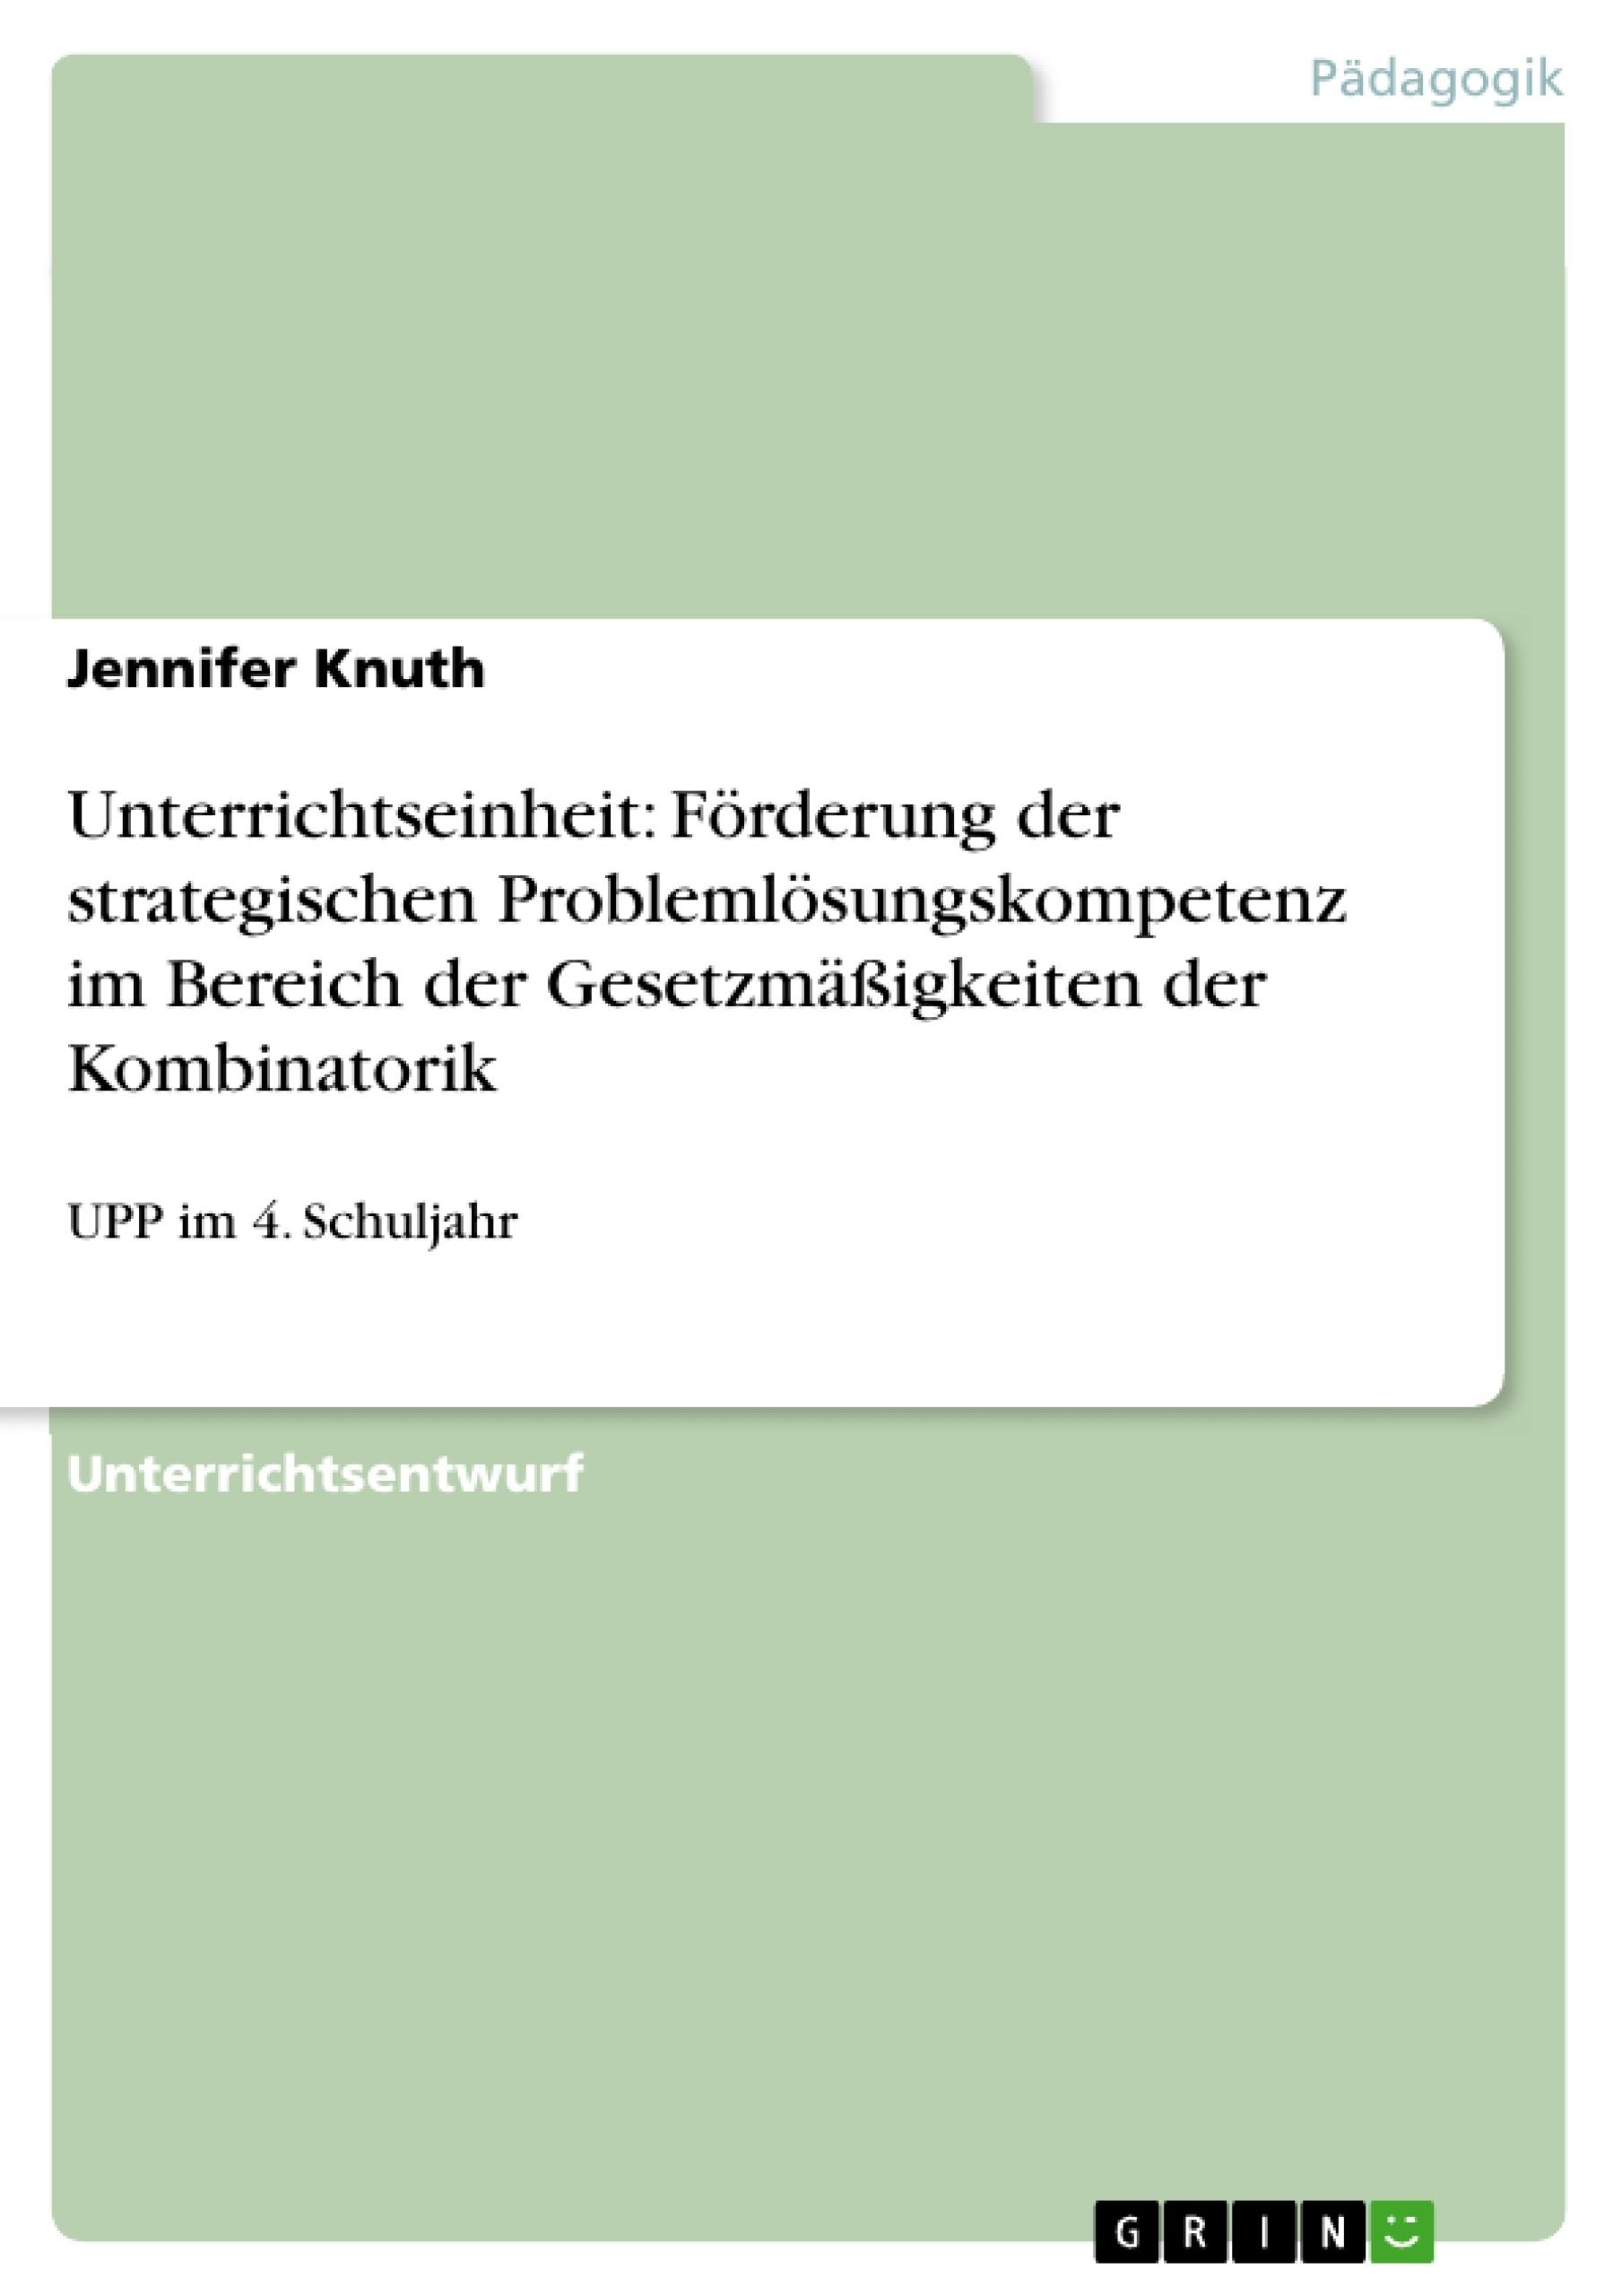 Titel: Unterrichtseinheit: Förderung der strategischen Problemlösungskompetenz im Bereich der Gesetzmäßigkeiten der Kombinatorik